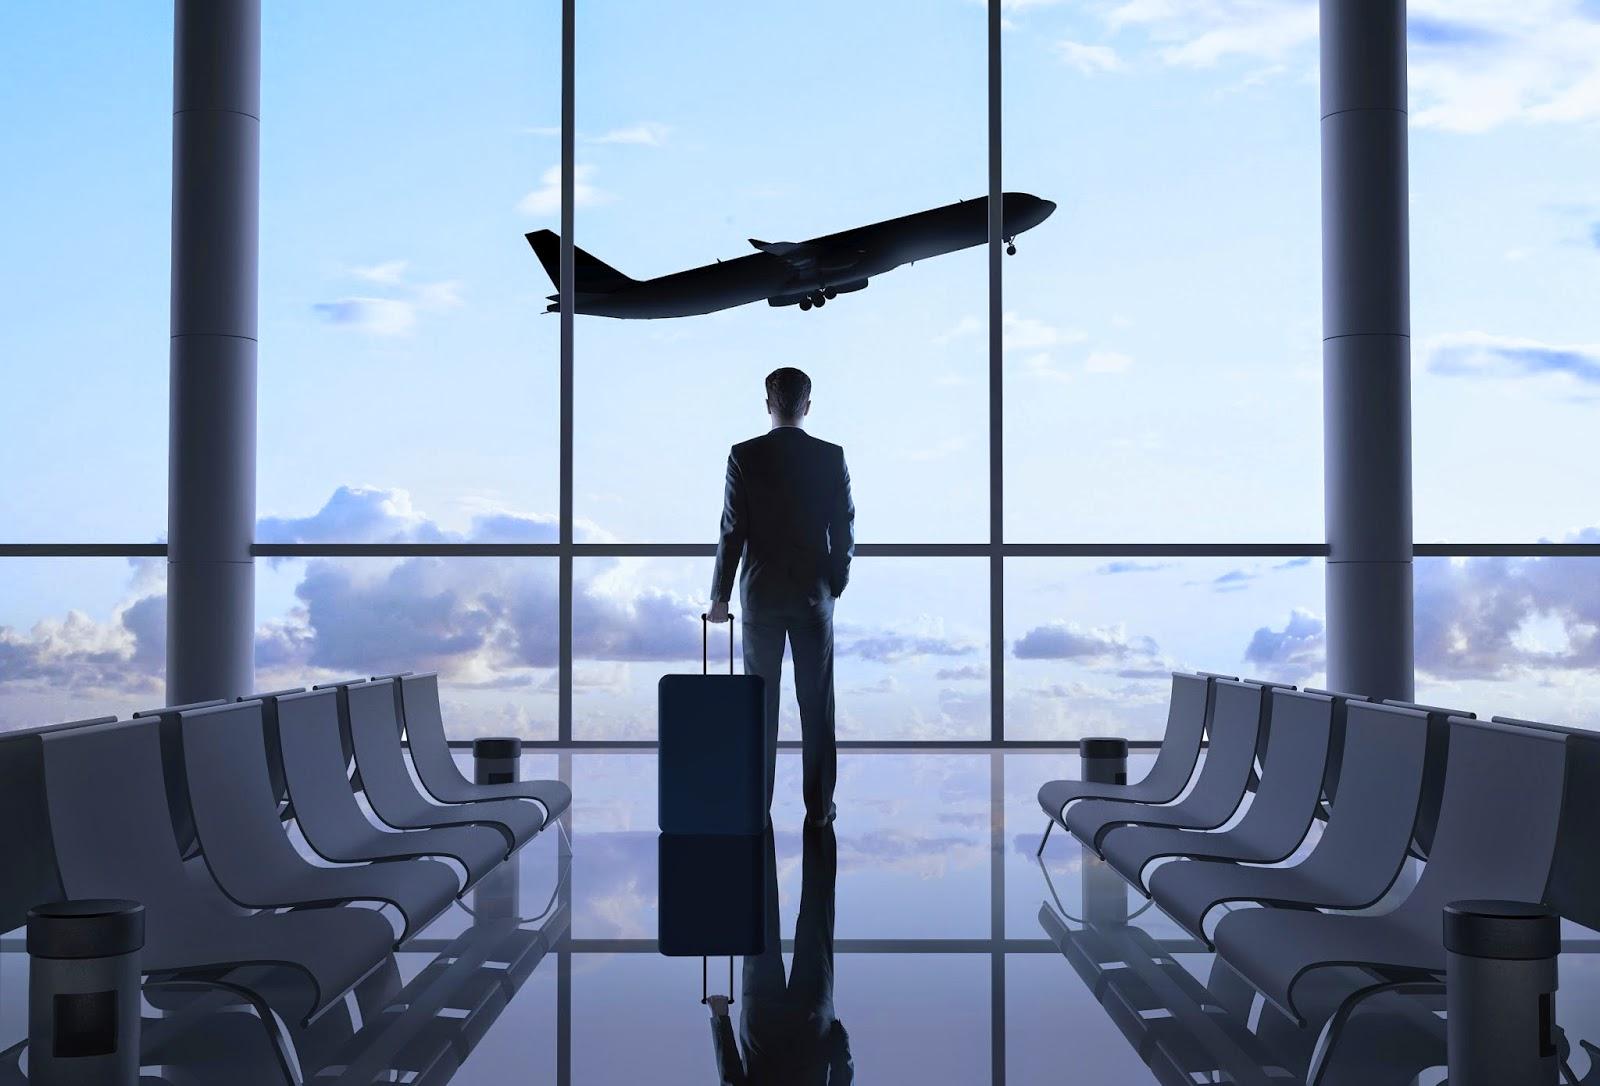 Delay là gì? Cách phòng tránh delay các chuyến bay